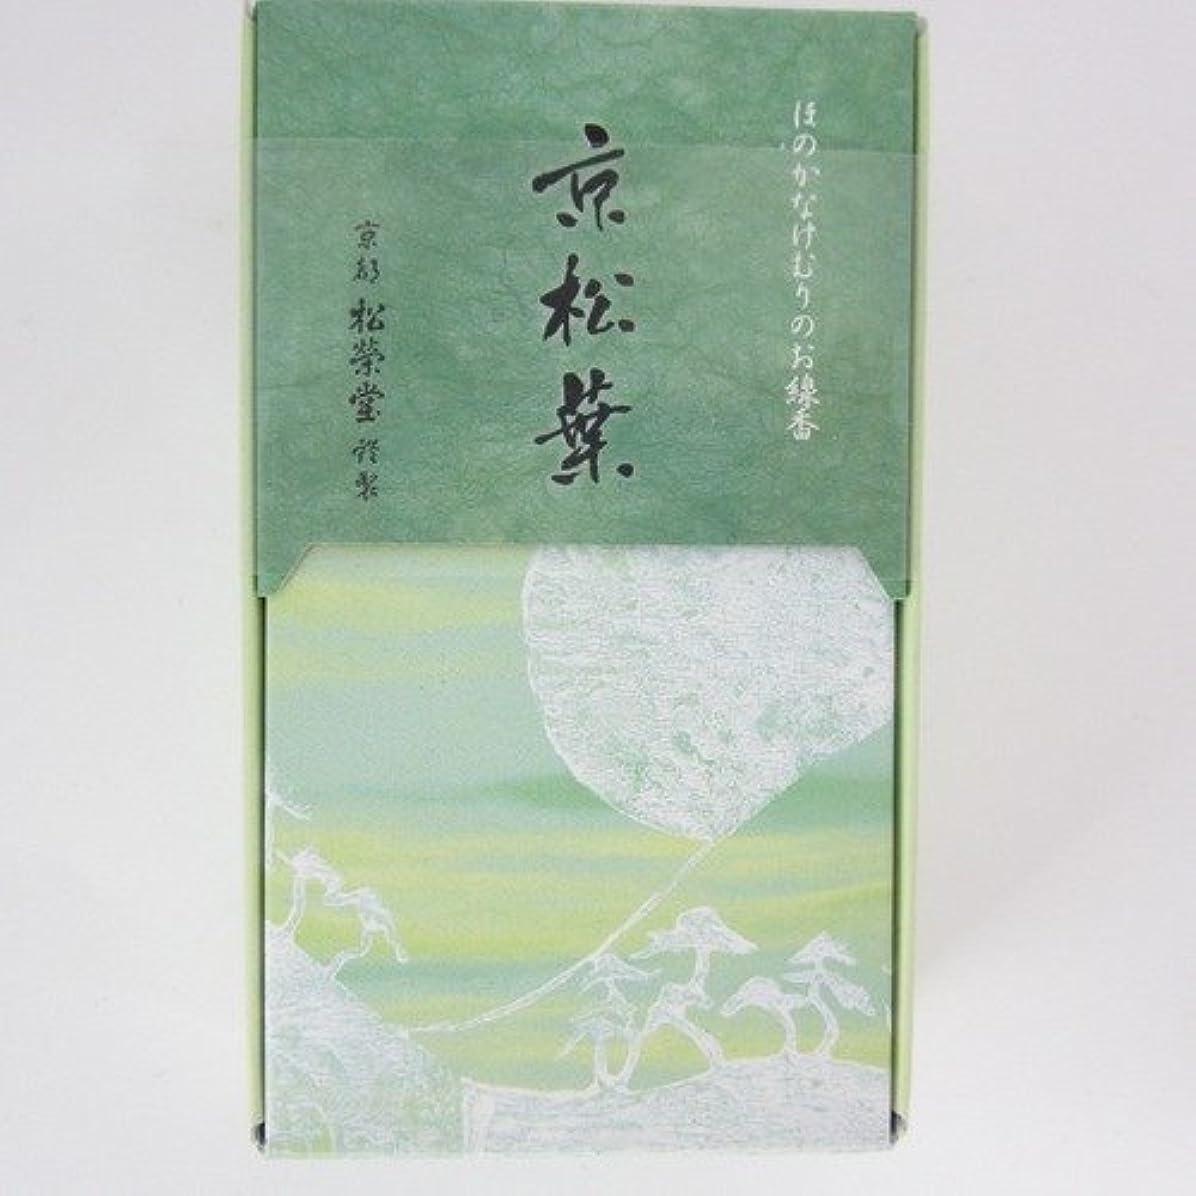 狐提出する大気松栄堂 玉響シリーズ お香 京松葉 45g